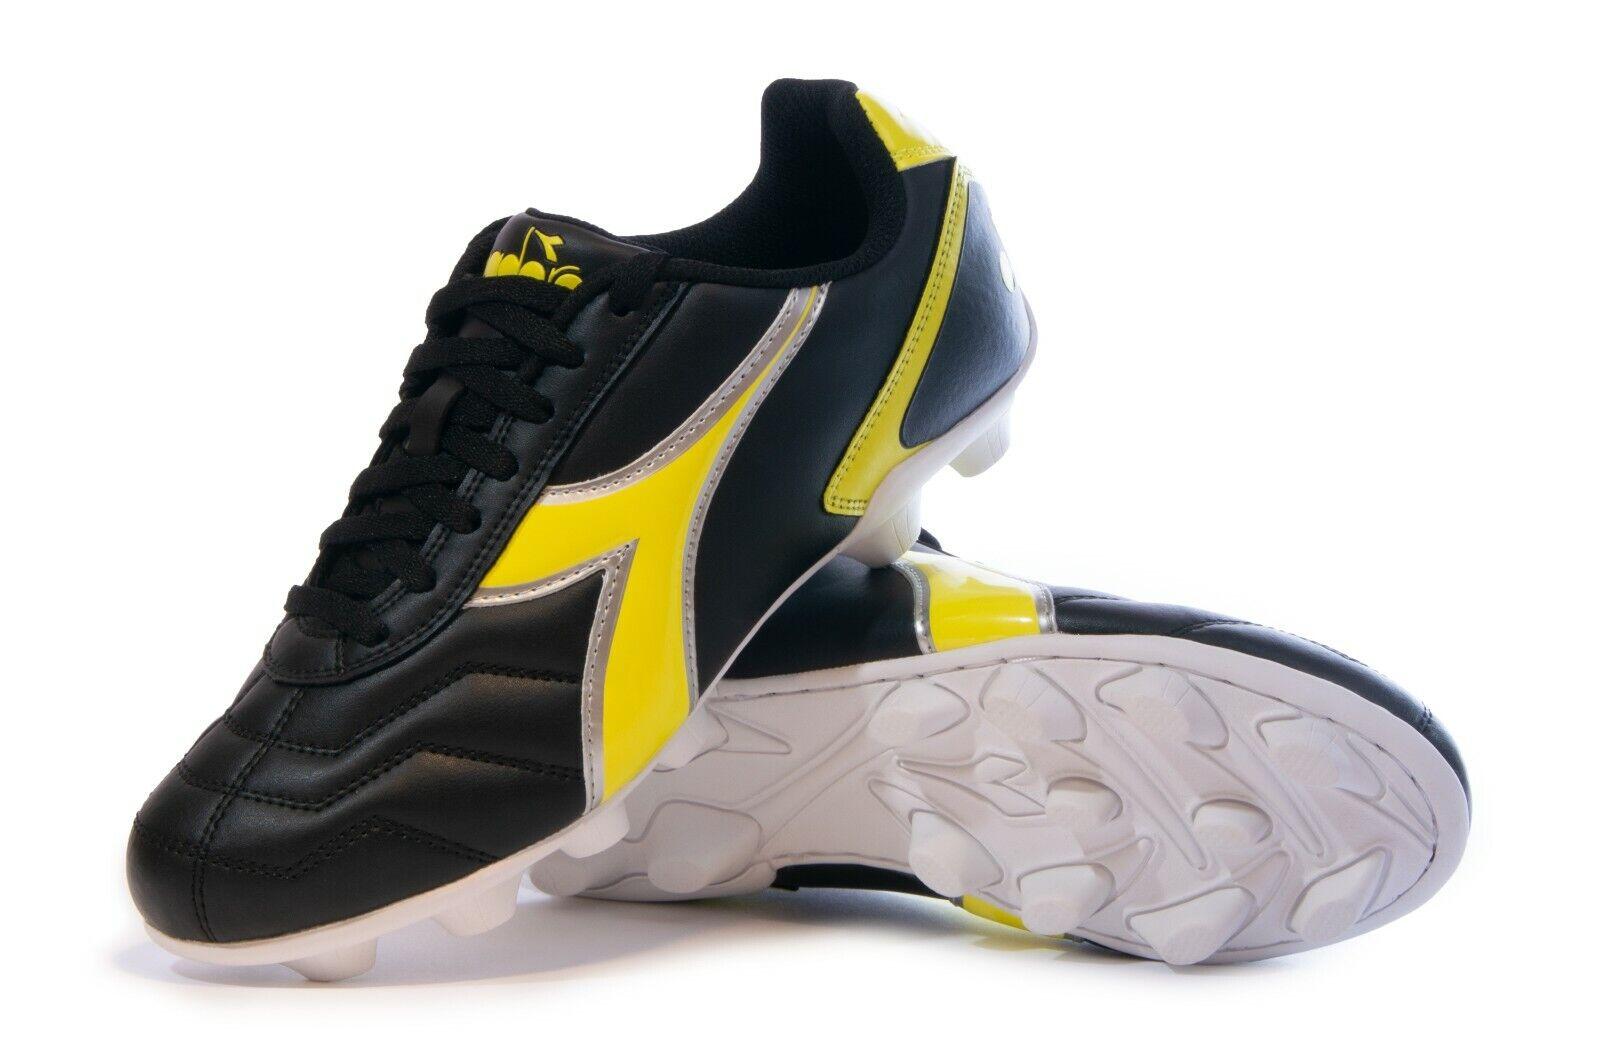 Diadora Men's Capitano VS MD Soccer Shoes / Cleats